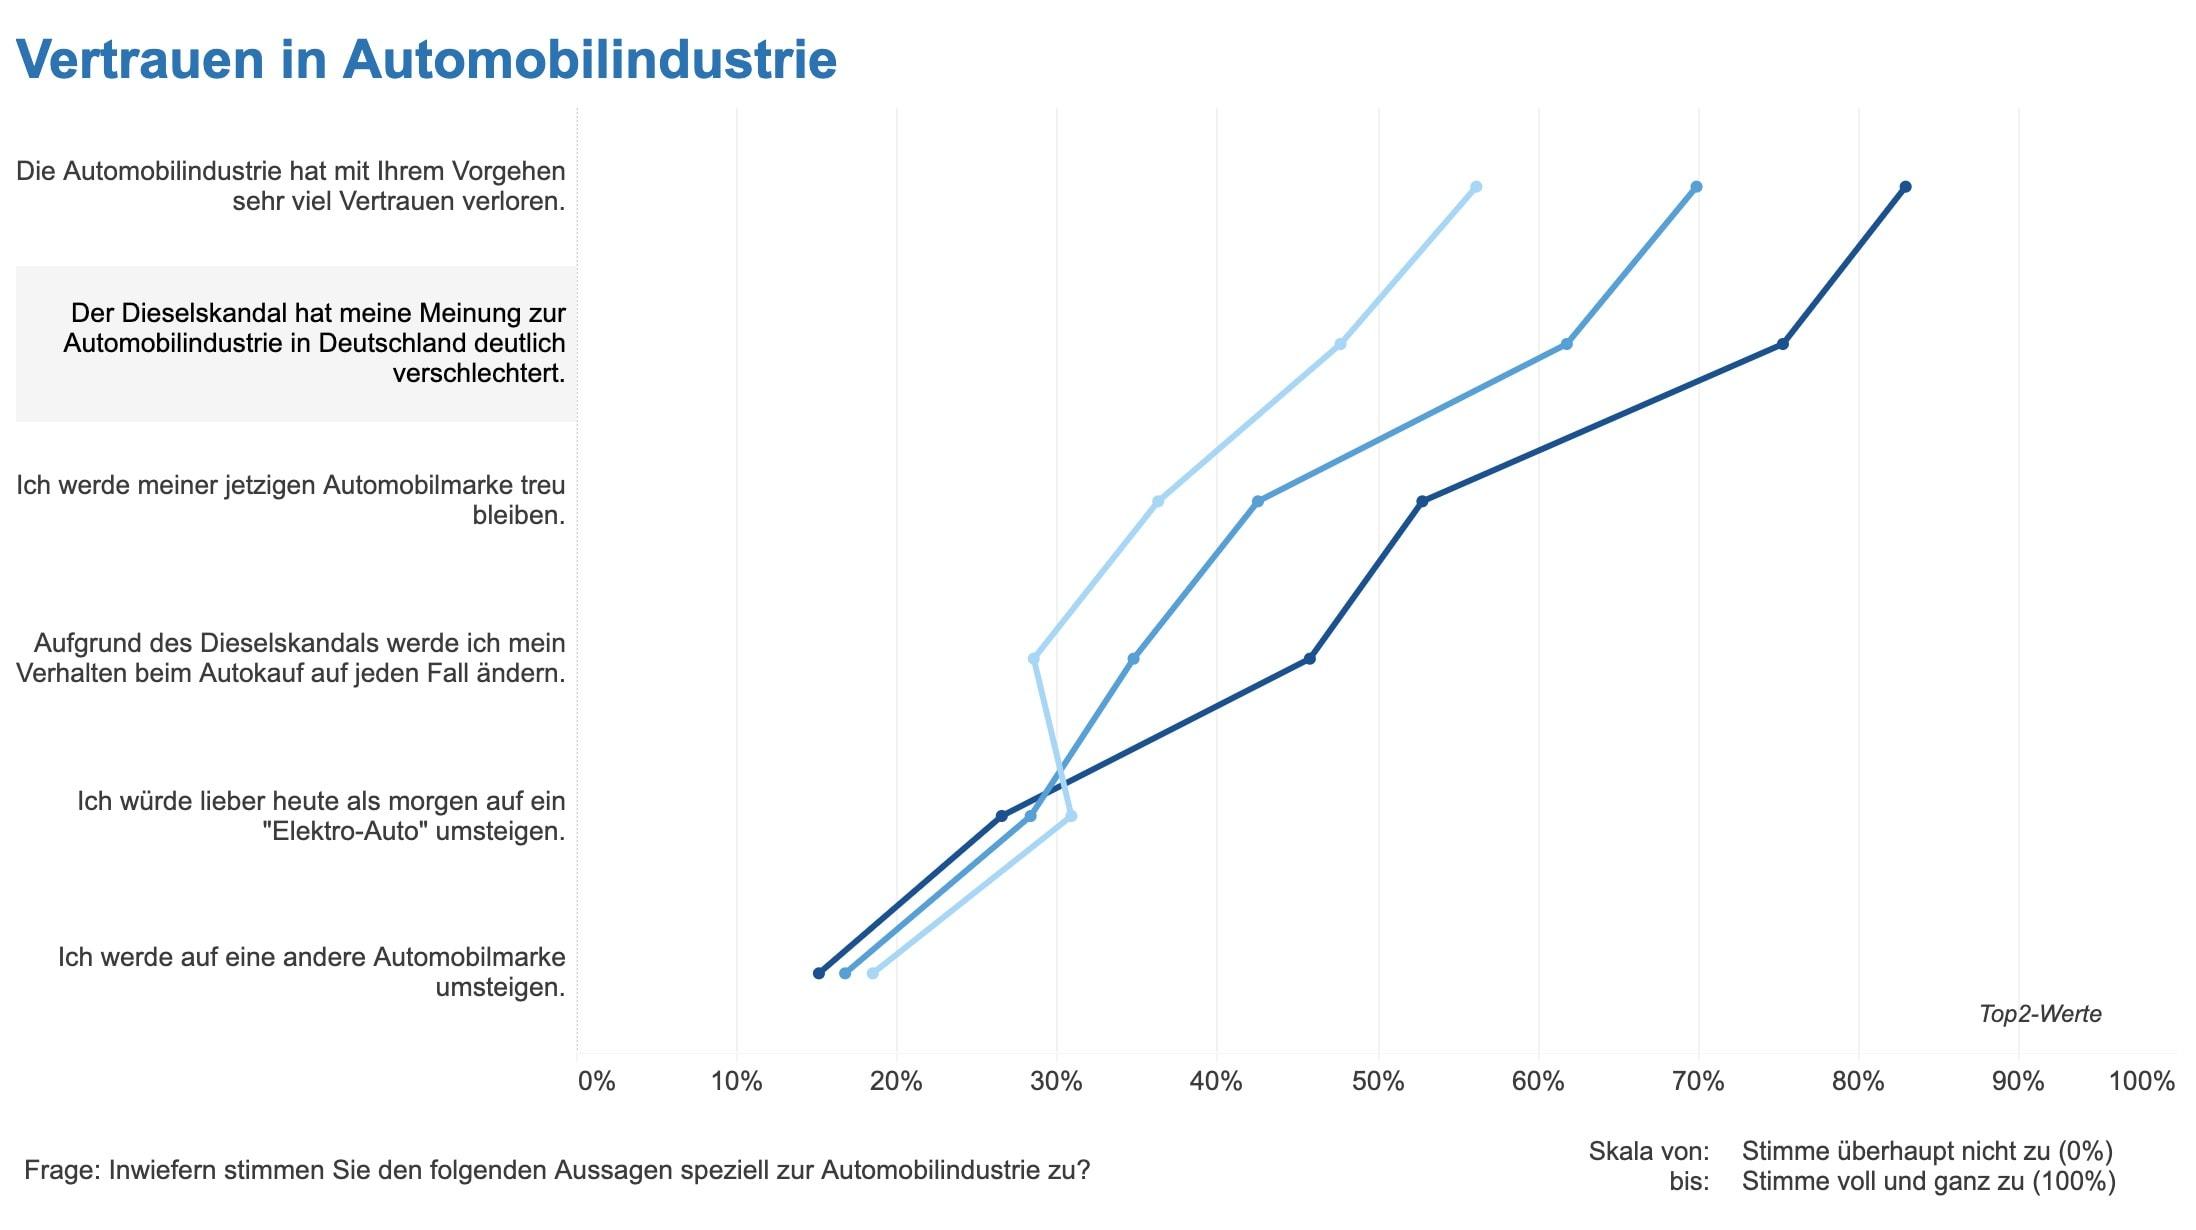 Vertrauen Automobilindustrie